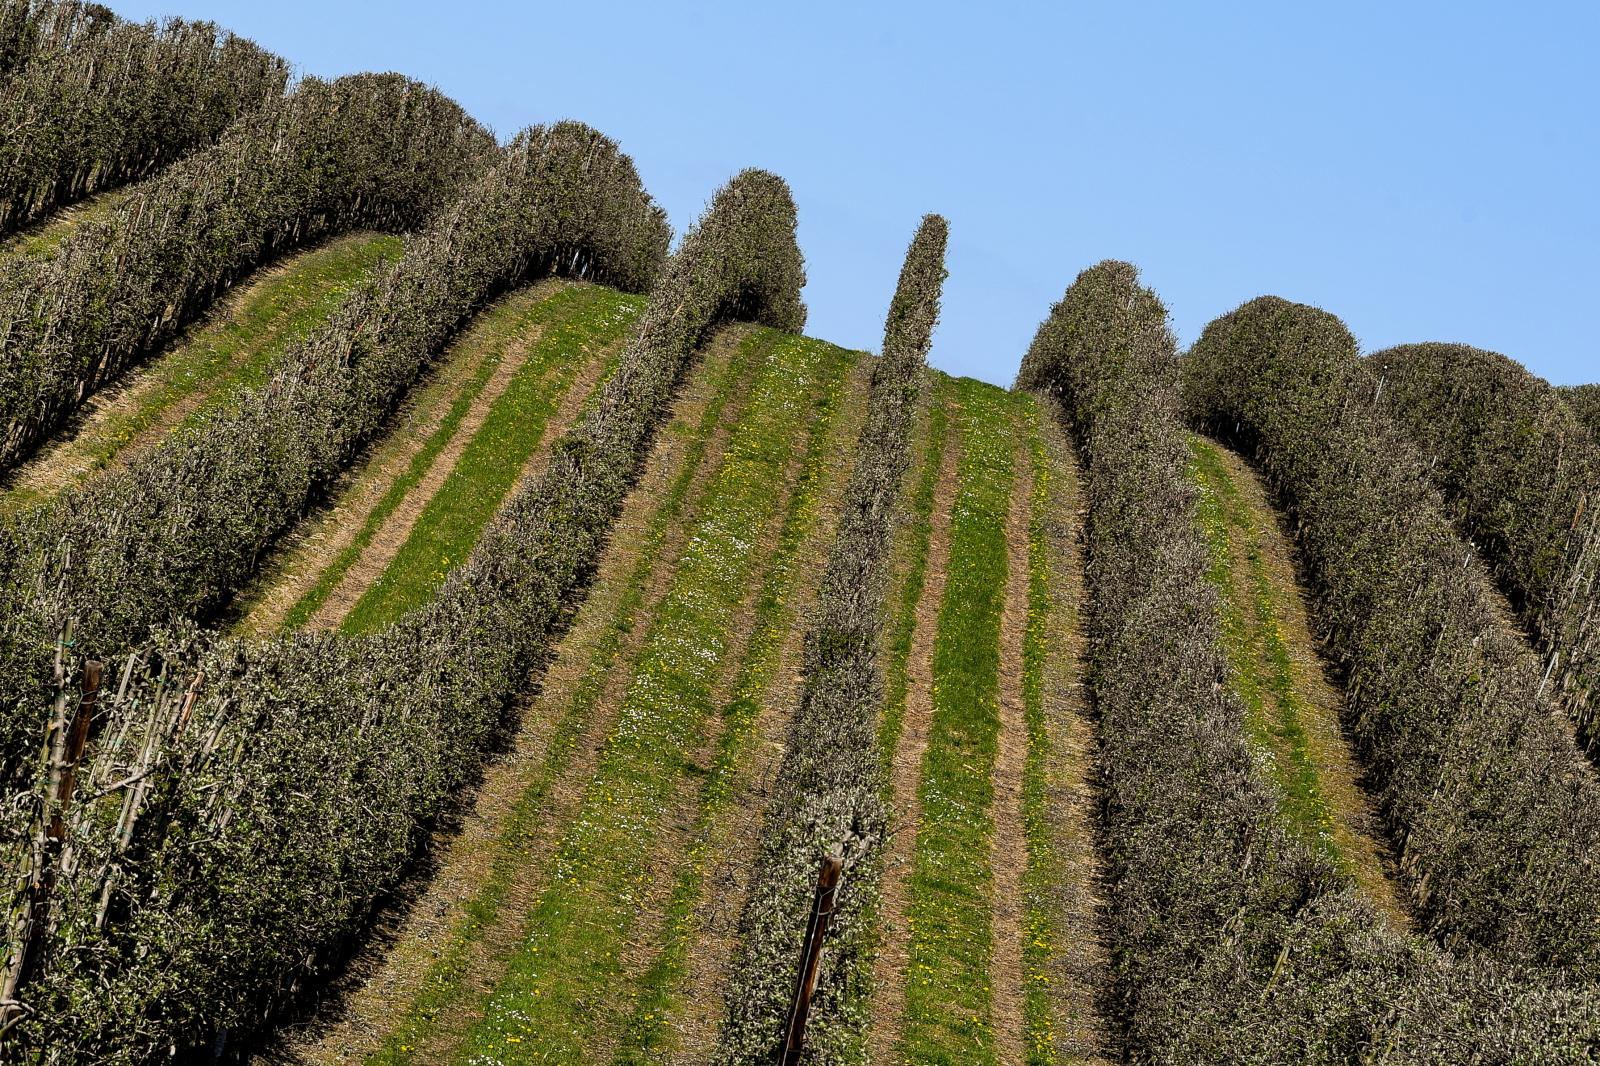 Niemiecki sad owocowy w pobliżu miasta Grimma, w Saksonii. Fot. PAP/EPA/FILIP SINGER